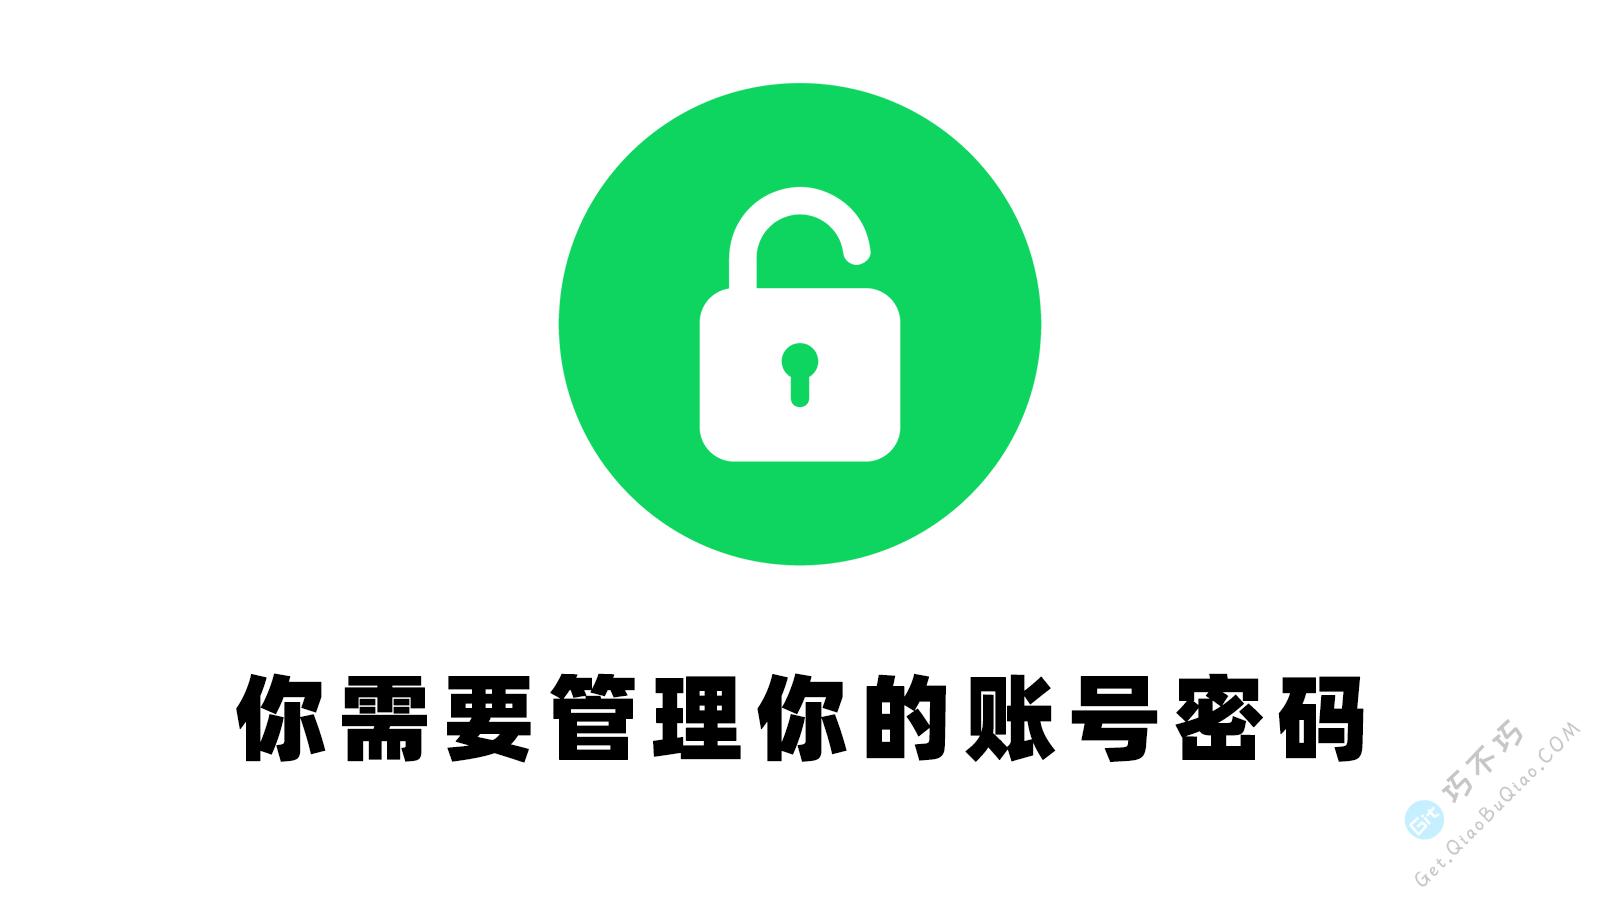 密码太多,一款最安全的密码管理工具,开源可跨平台多系统同步